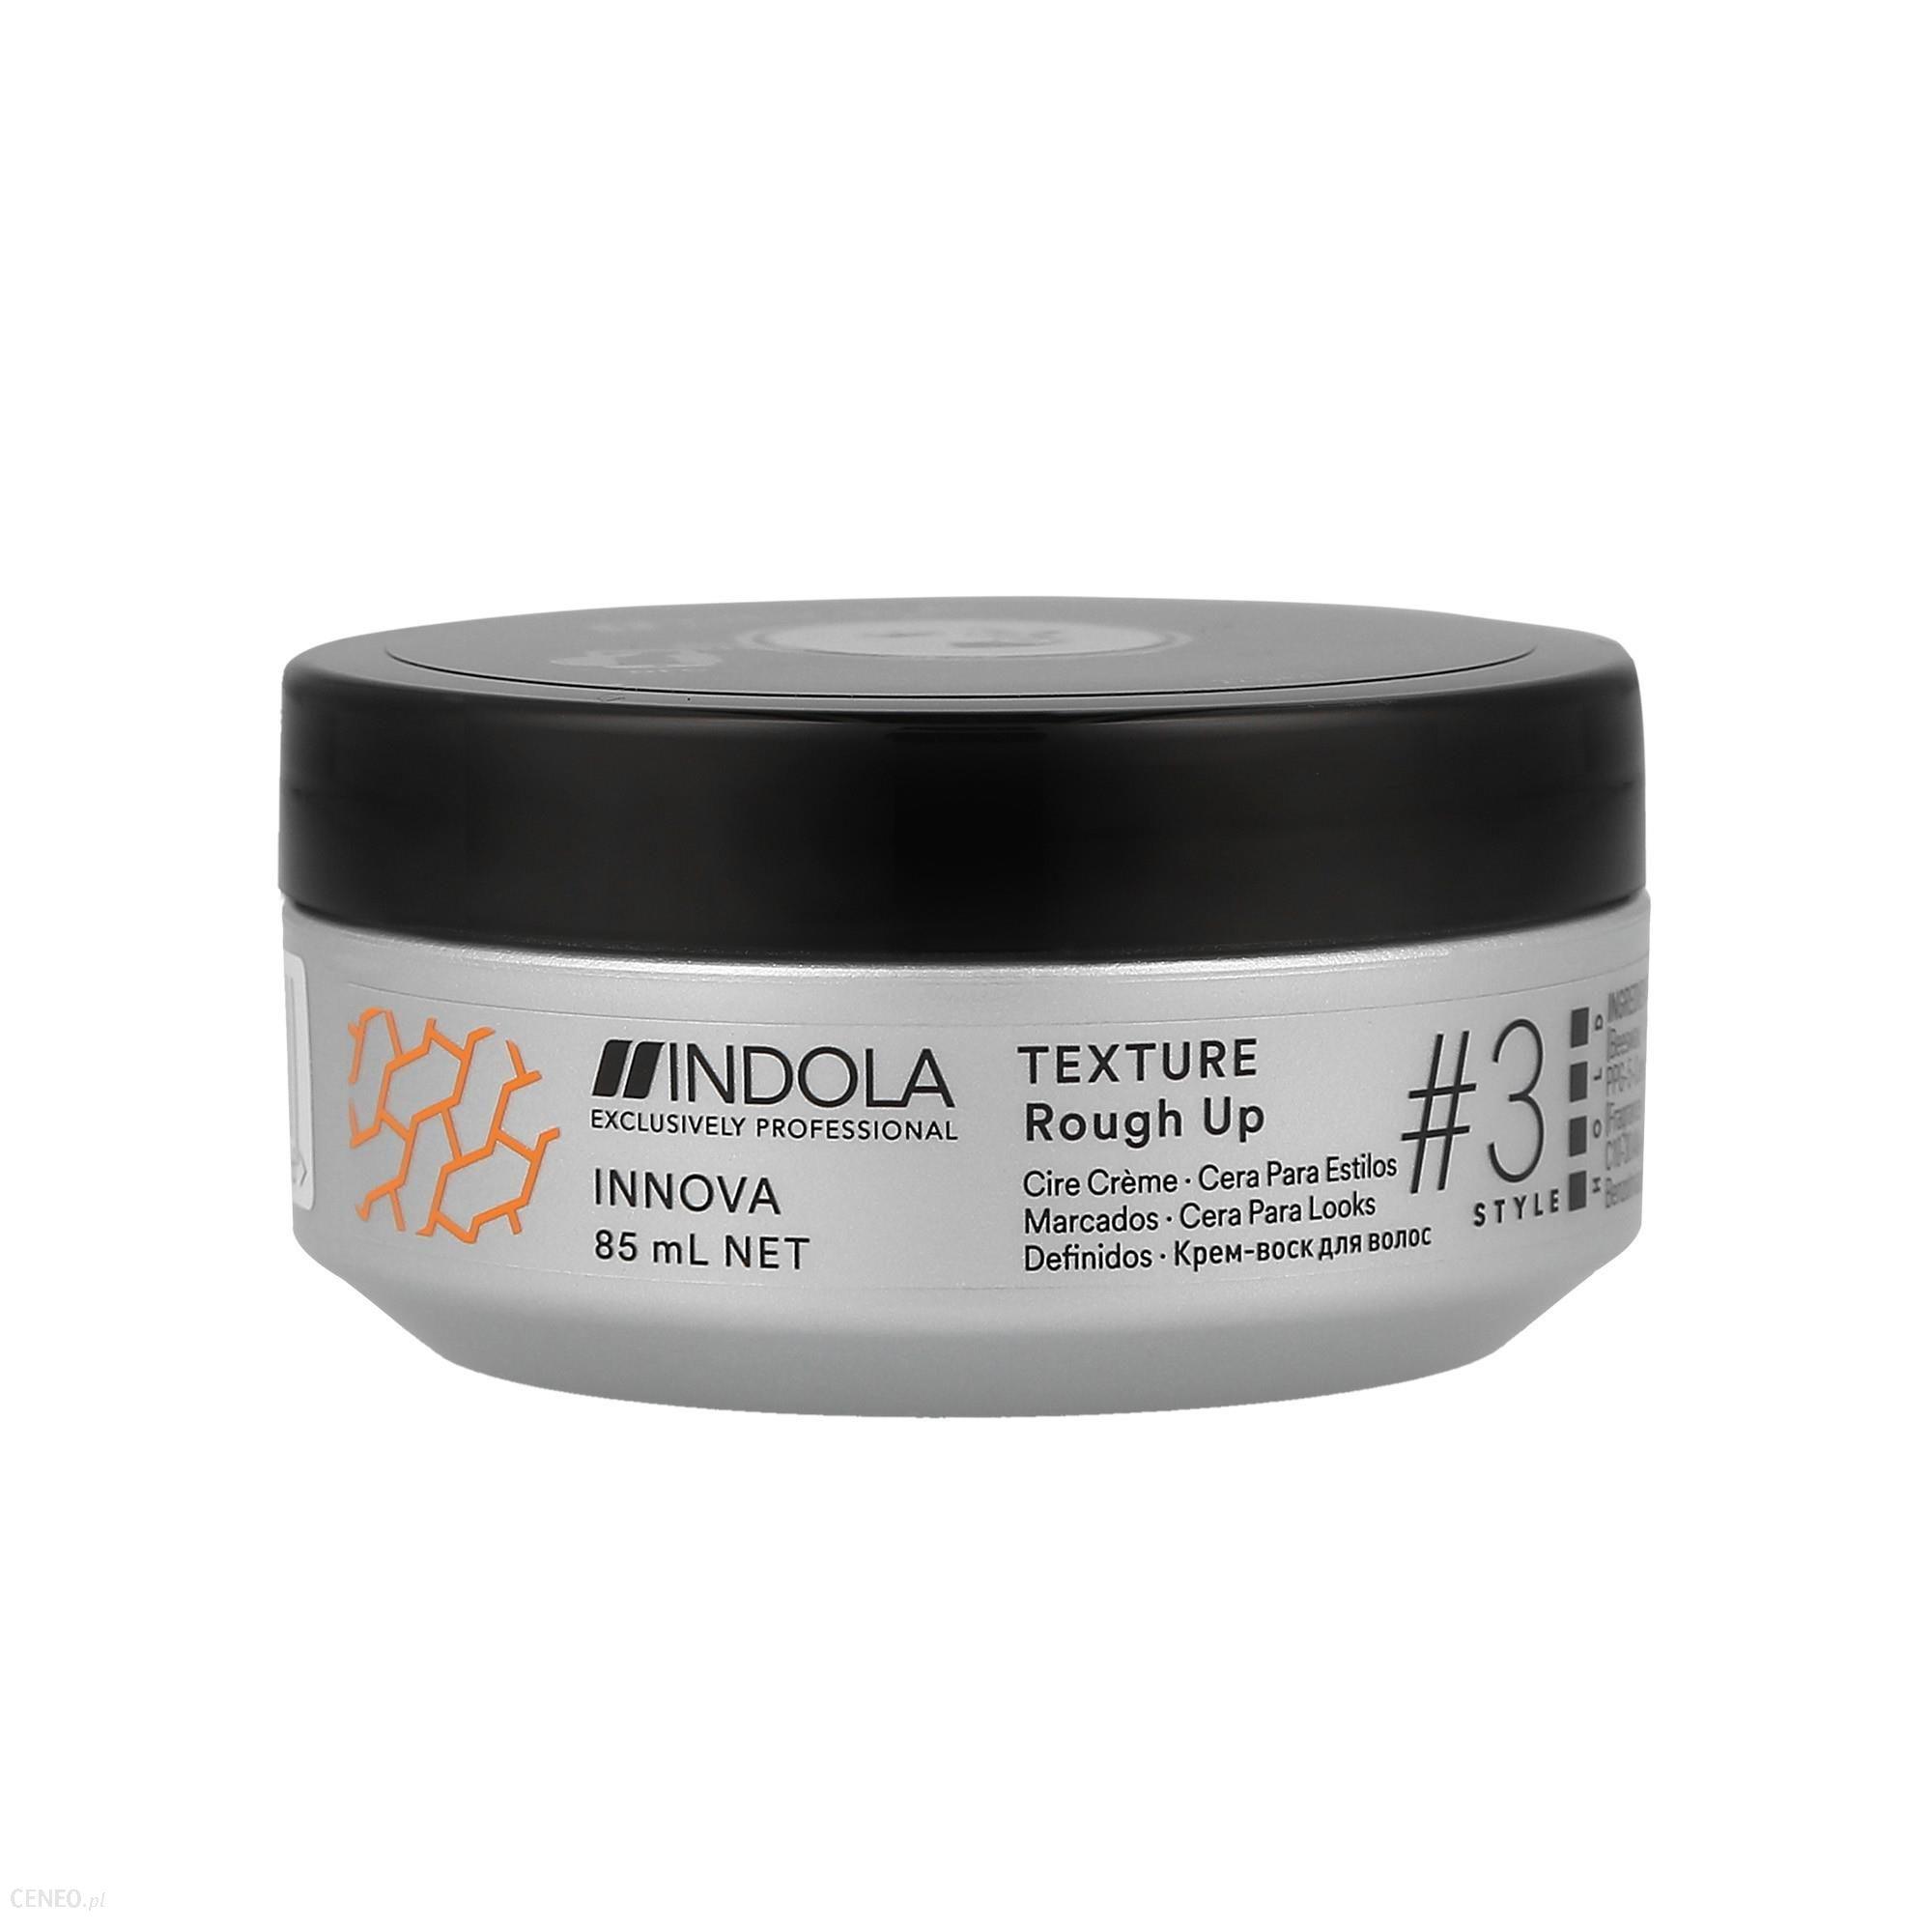 INDOLA INNOVA TEXTURE Rough Up Kremowy wosk do stylizacji włosów 85ml